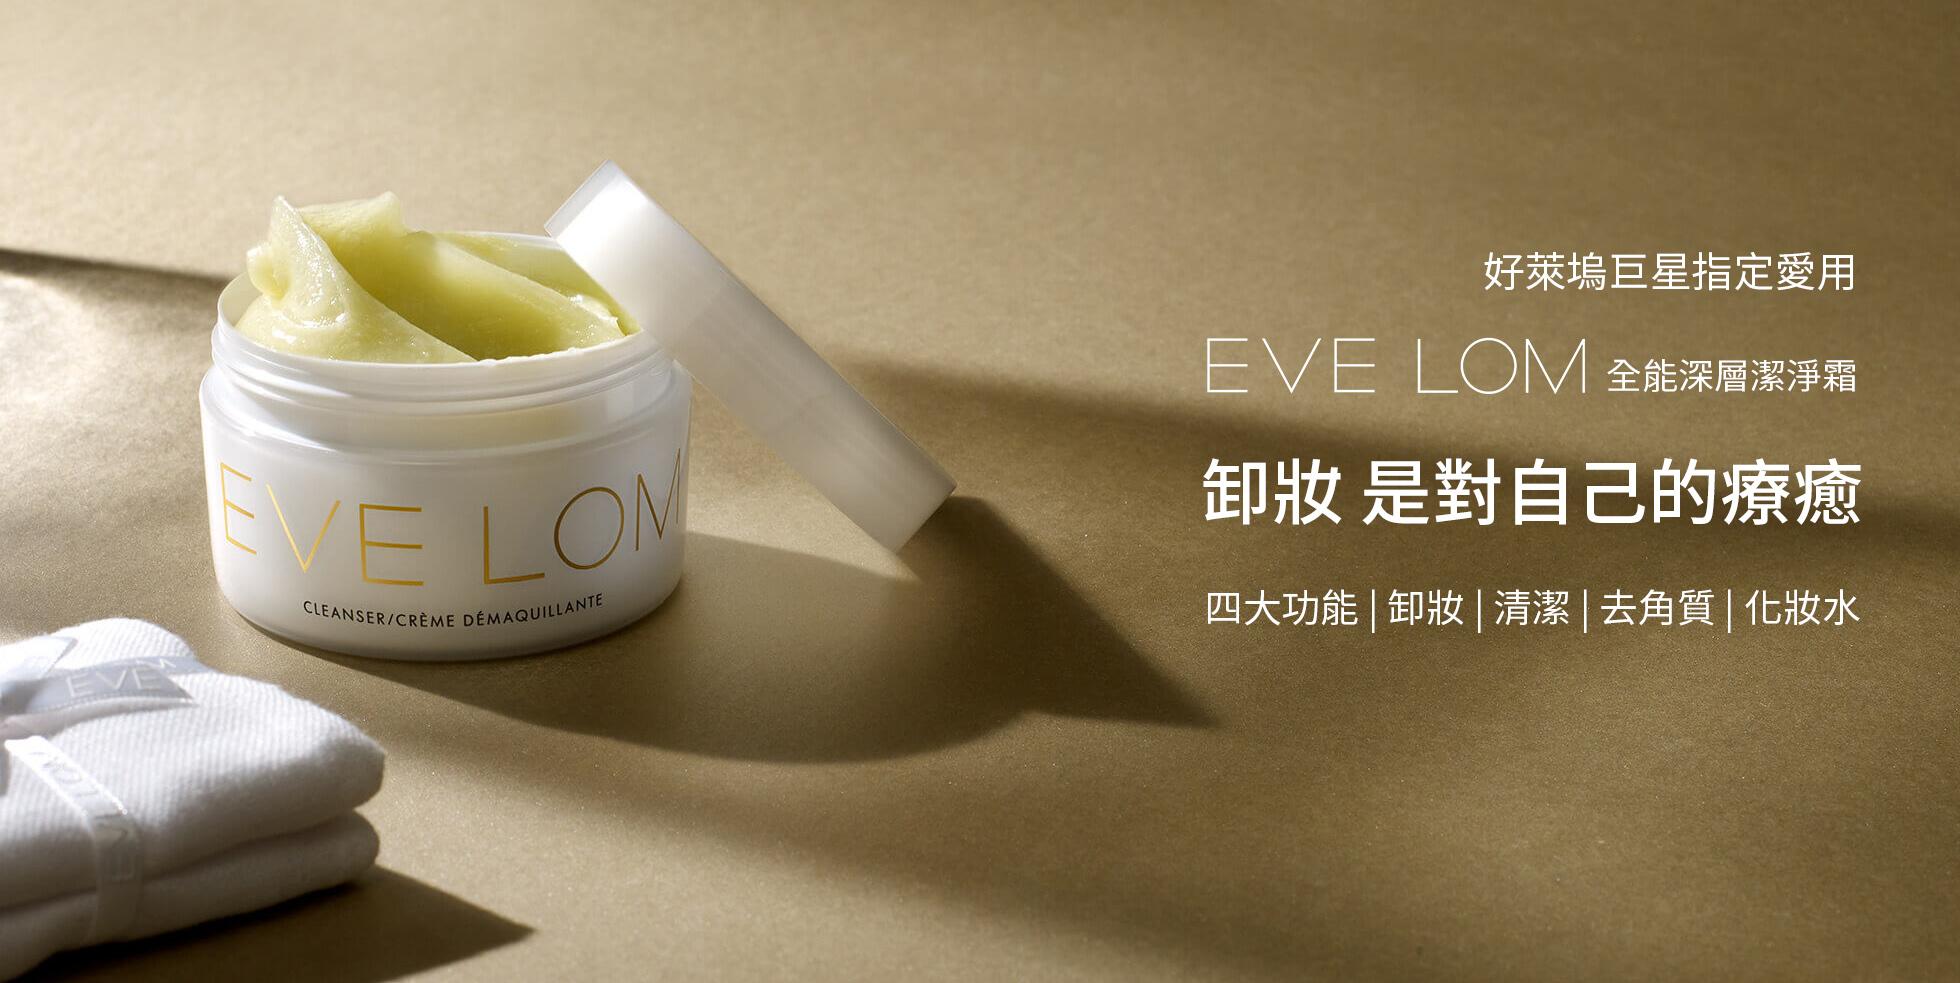 Eve Lom讓卸妝成為一種享受